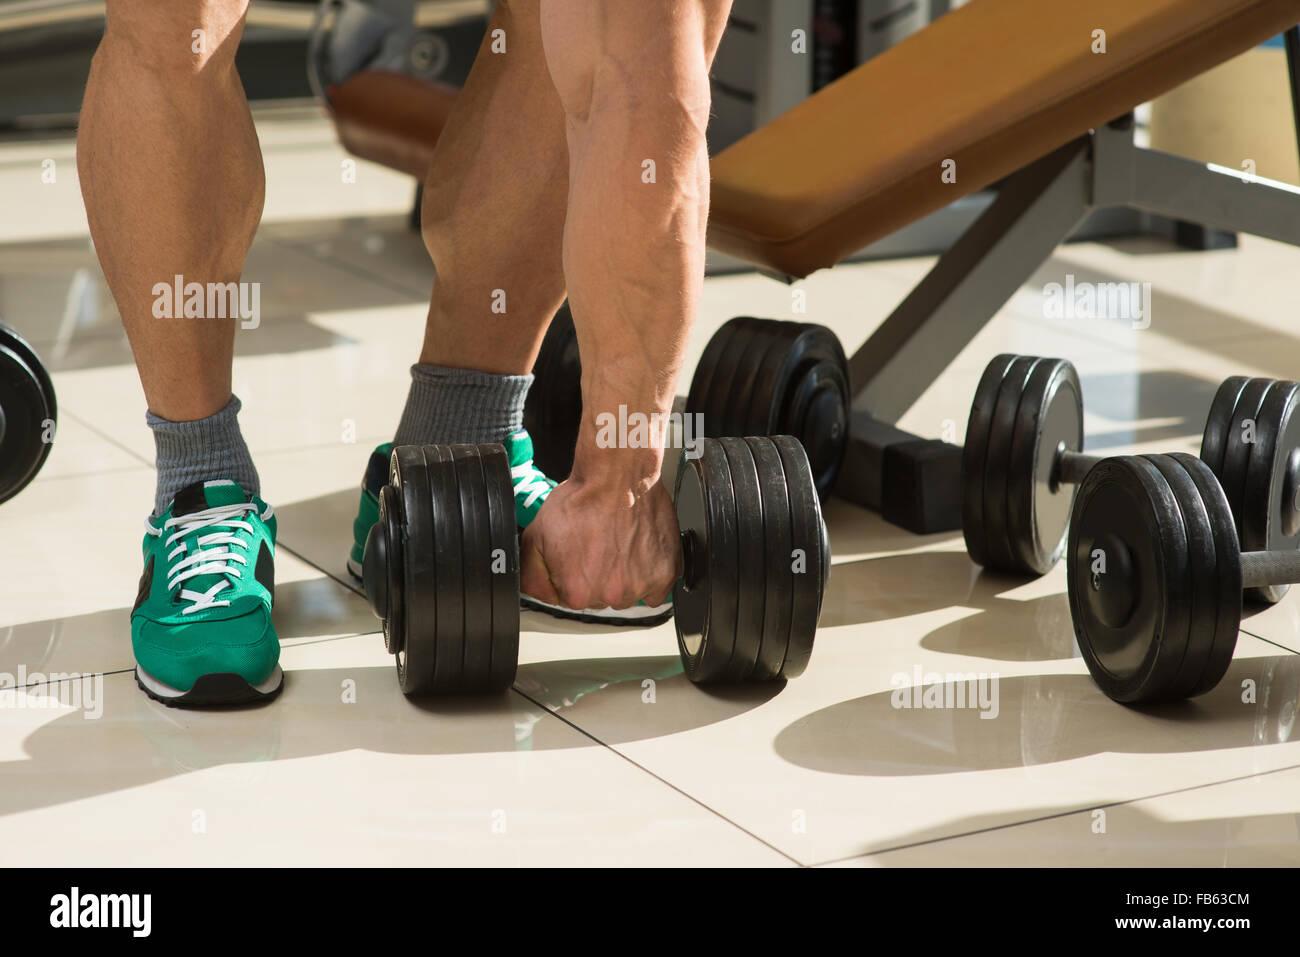 Bodybuilder picks up dumbbells. - Stock Image